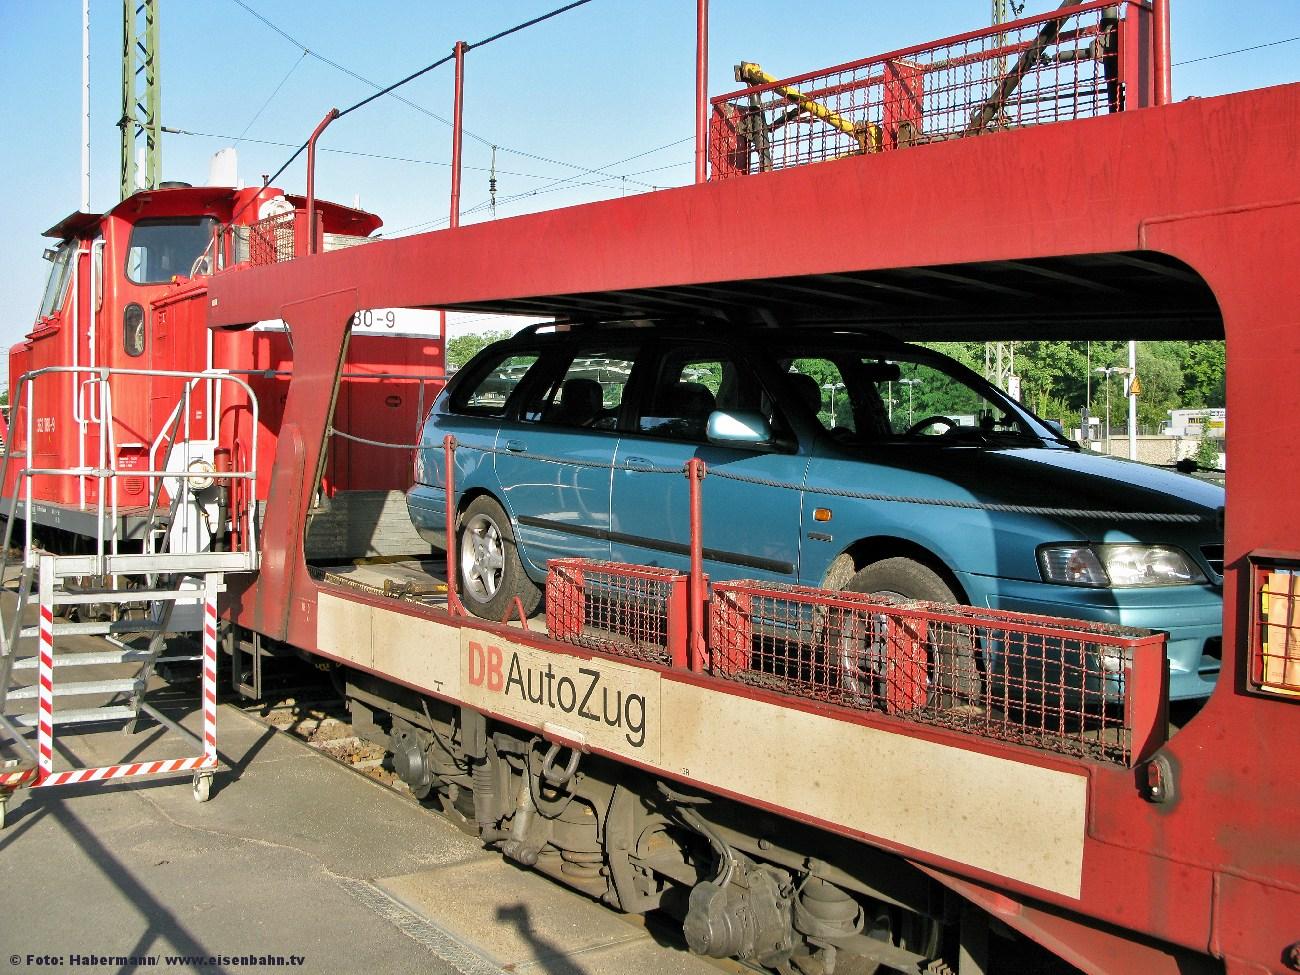 362 780-9 rangiert einen Autozug in Berlin Wannsee am 2. Juni 2008